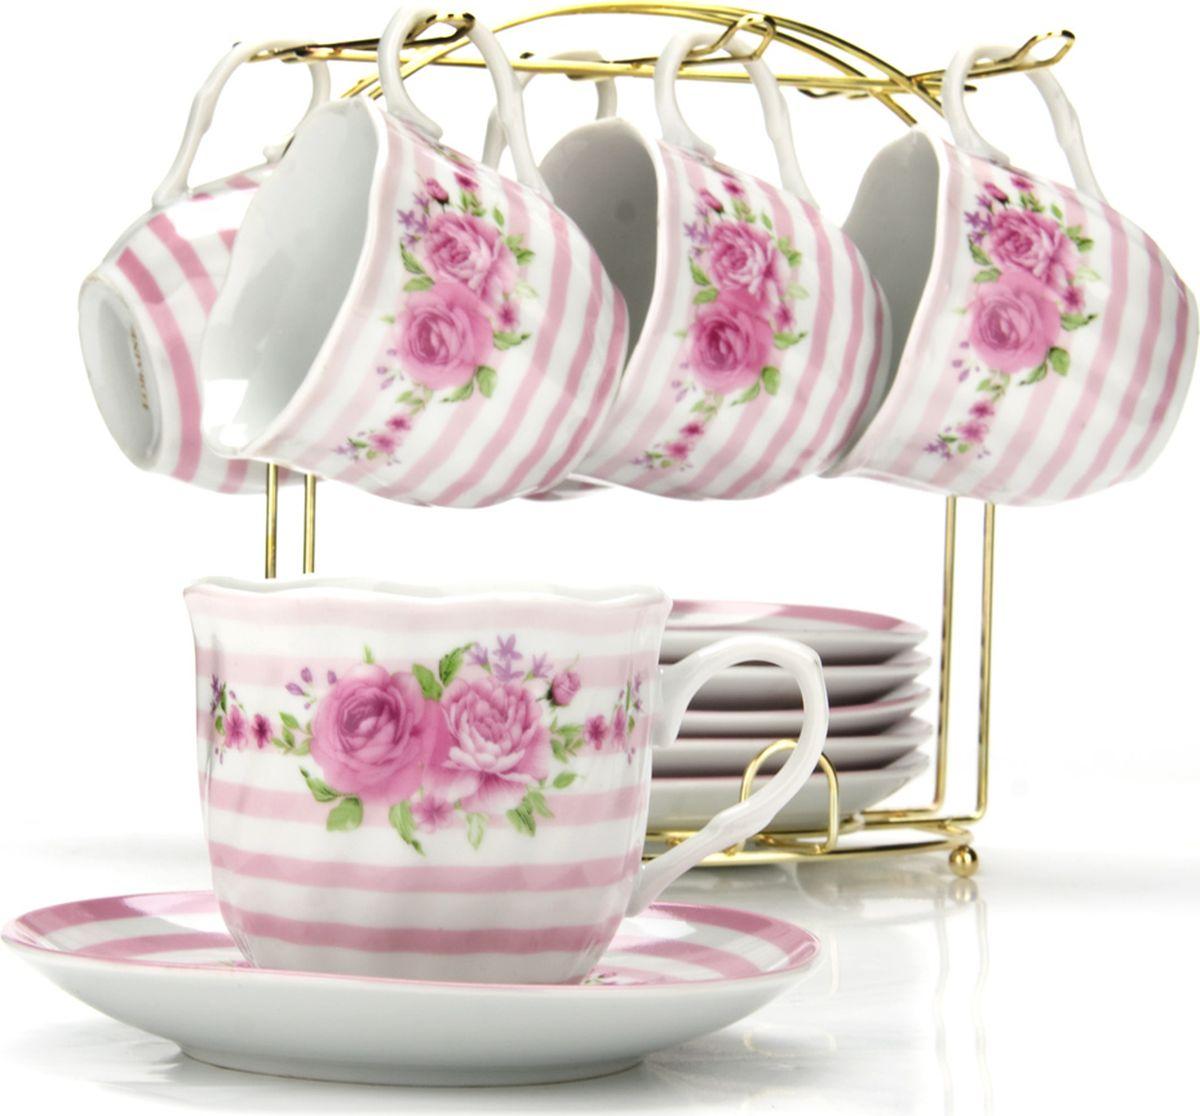 Сервиз чайный Loraine, на подставке, 13 предметов. 4328196308BЧайный набор состоит из шести чашек, шести блюдец и металлической подставки золотого цвета. Предметы набора изготовлены из качественного фарфора и оформлены красочным цветным рисунком, стенки чашек имеют изящную волнистую поверхность. Чайный набор идеально подойдет для сервировки стола и станет отличным подарком к любому празднику. Все изделия можно компактно хранить на подставке, входящей в набор. Подходит для мытья в посудомоечной машине.Диаметр чашки: 8 см.Высота чашки: 7 см.Объем чашки: 200 мл.Диаметр блюдца: 13,5 см.